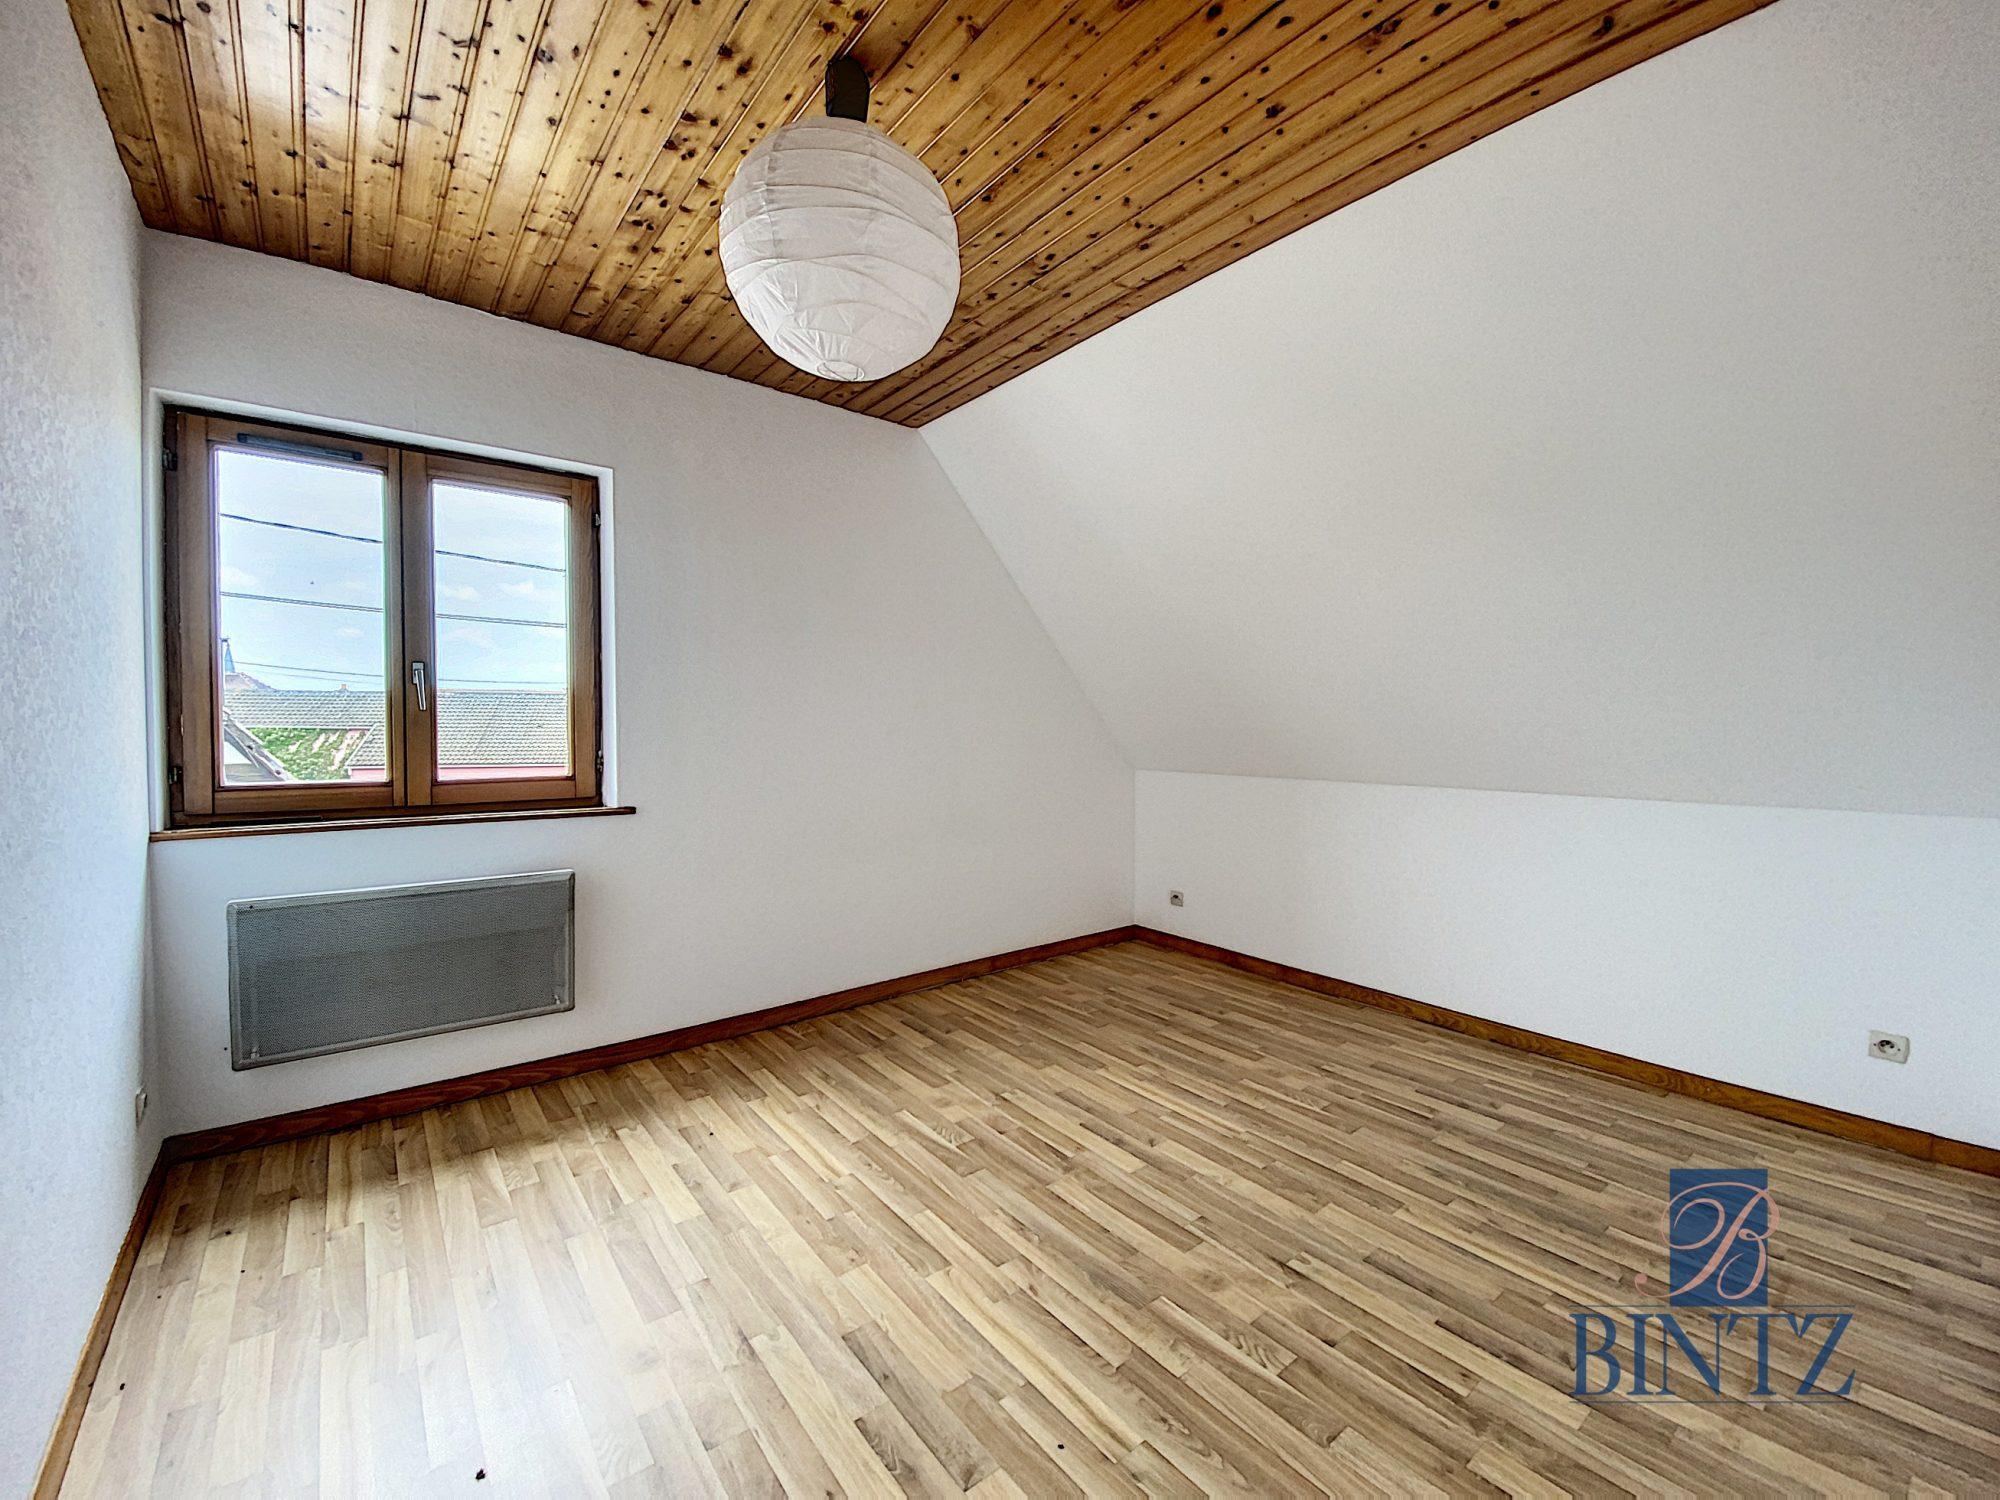 Charmant T3 Duplex avec belle terrasse - Devenez propriétaire en toute confiance - Bintz Immobilier - 8